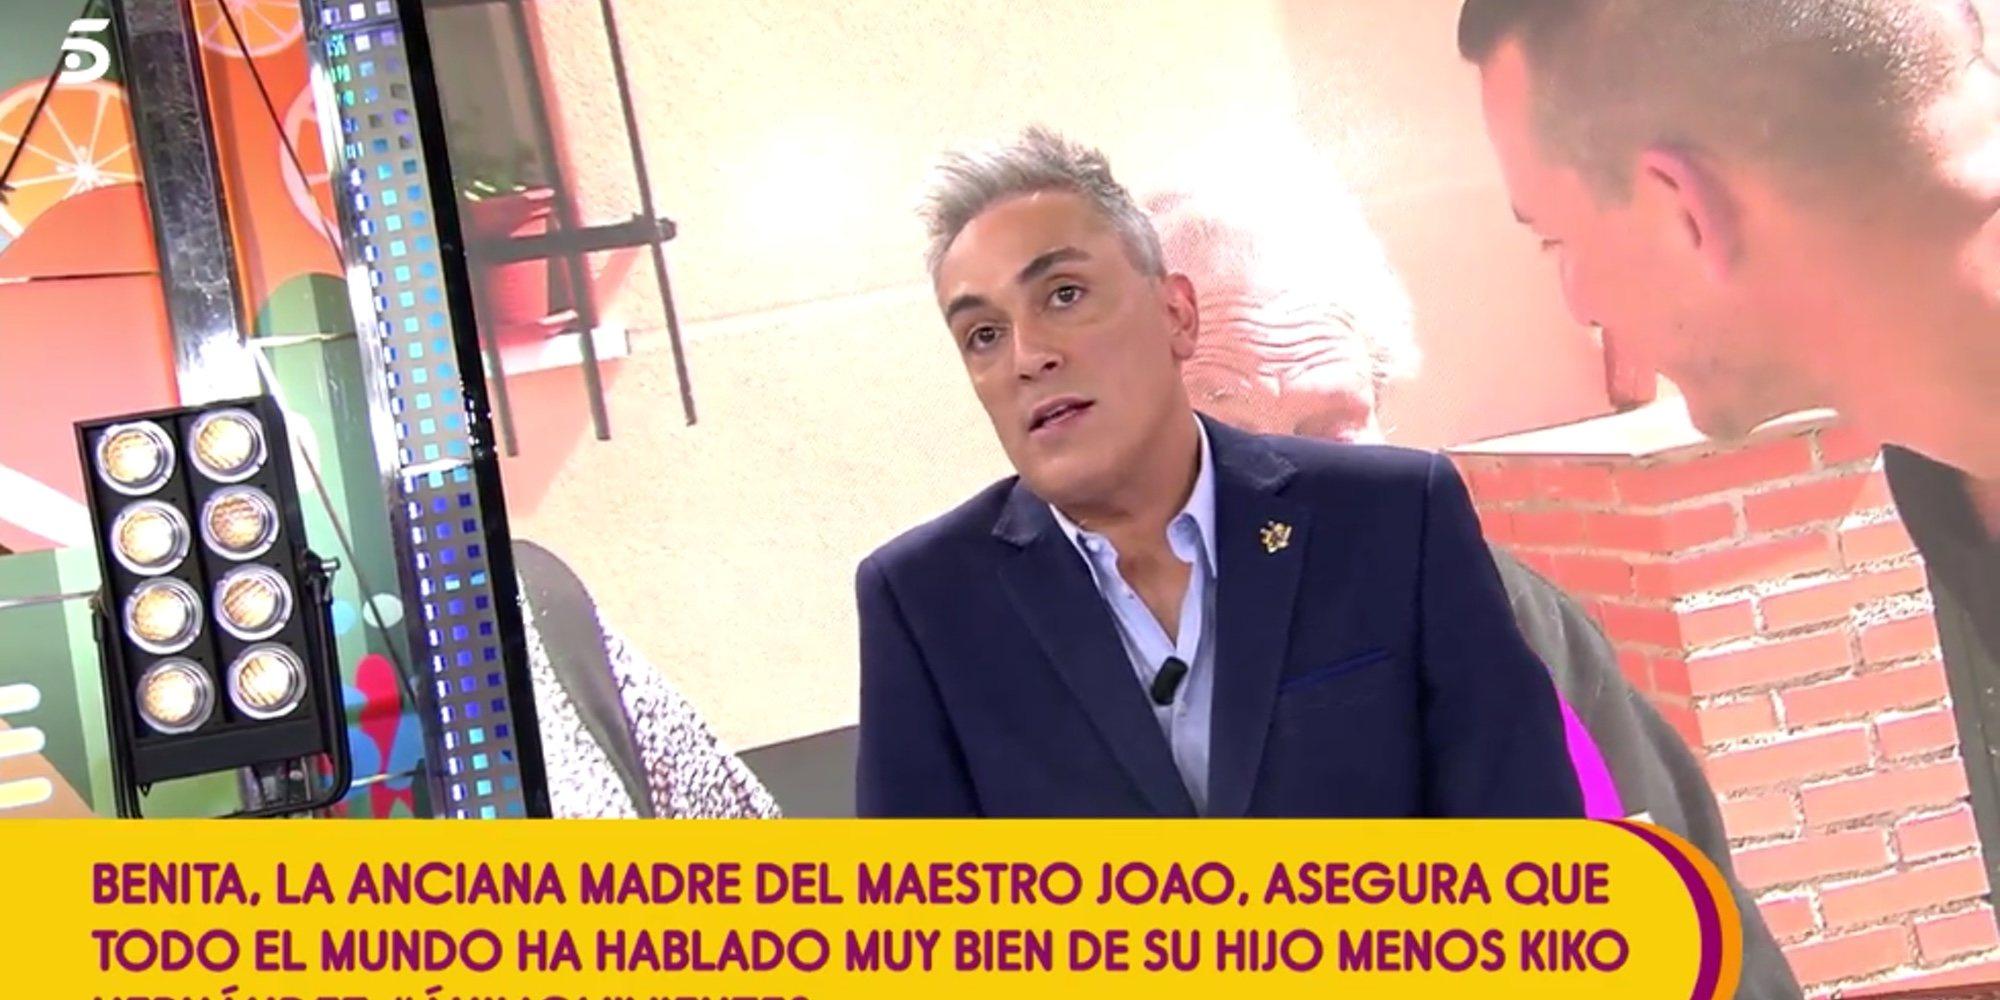 """Kiko Hernández pide disculpas a Benita, la madre de Maestro Joao: """"Le pido de rodillas mil perdones"""""""